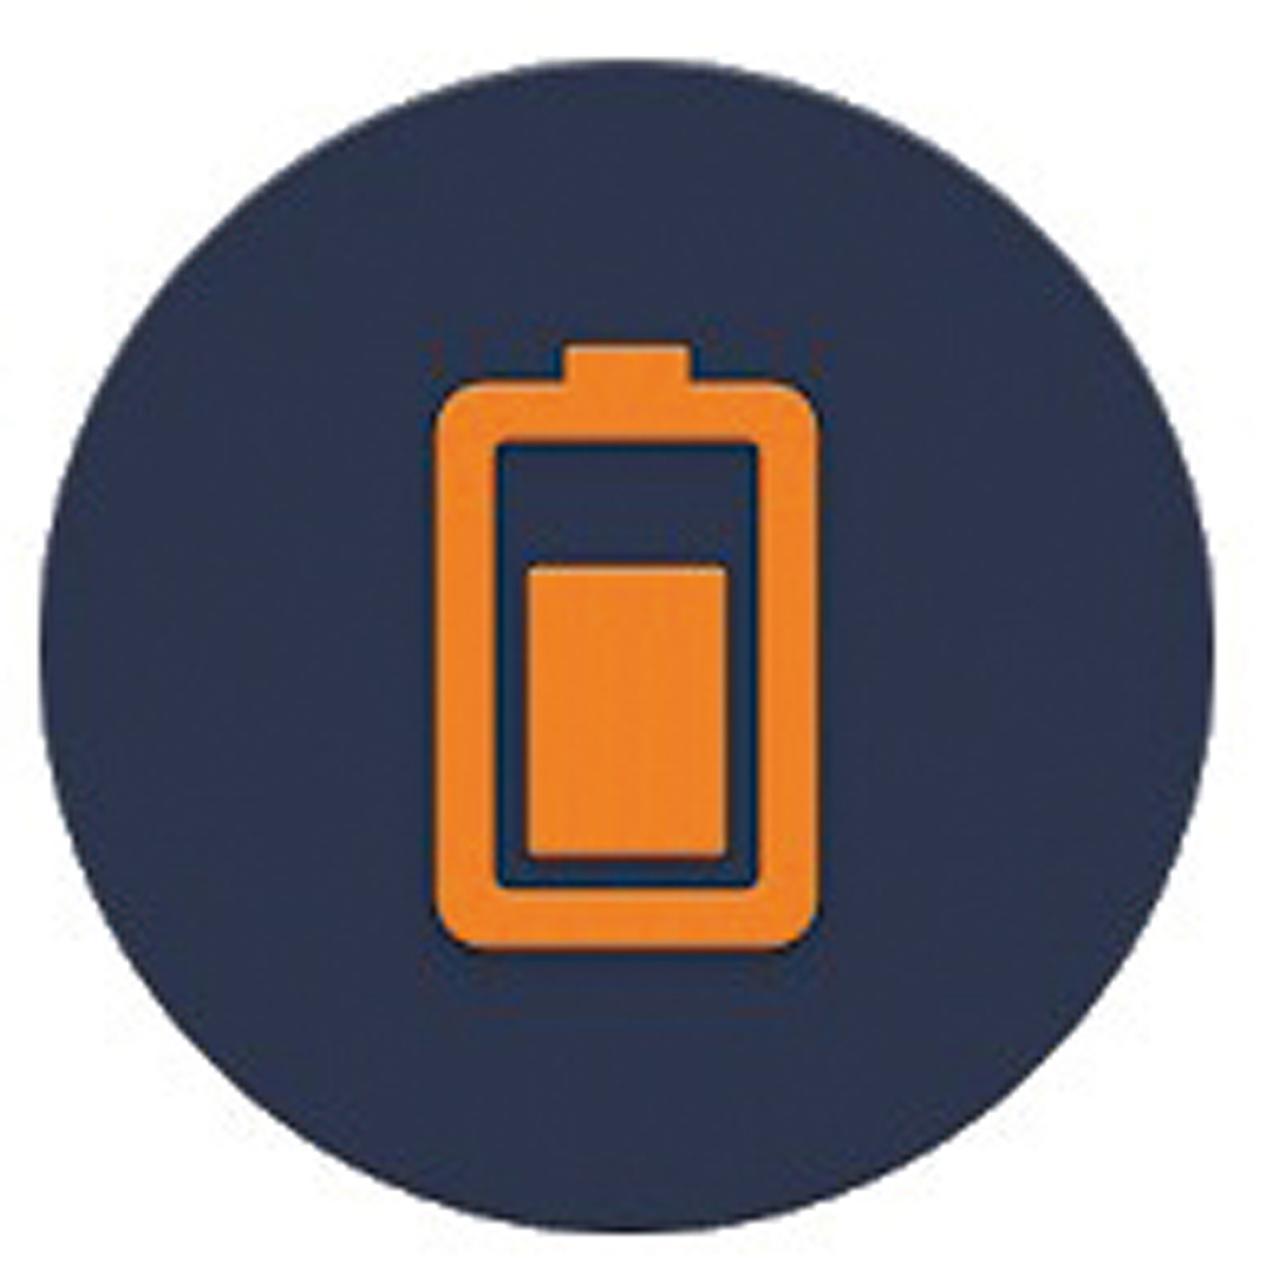 画像1: ❹画面の明るさなどを設定してスマホのバッテリーを節約